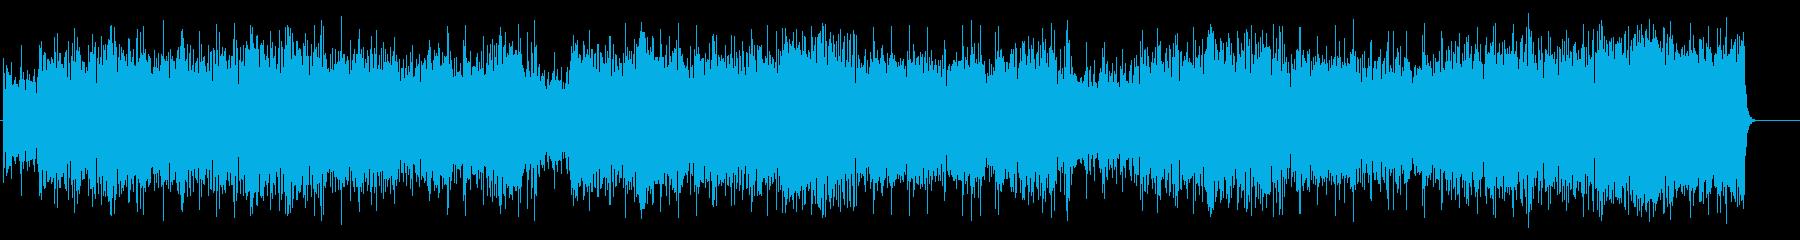 軽快なガールズポップス(フルサイズ)の再生済みの波形